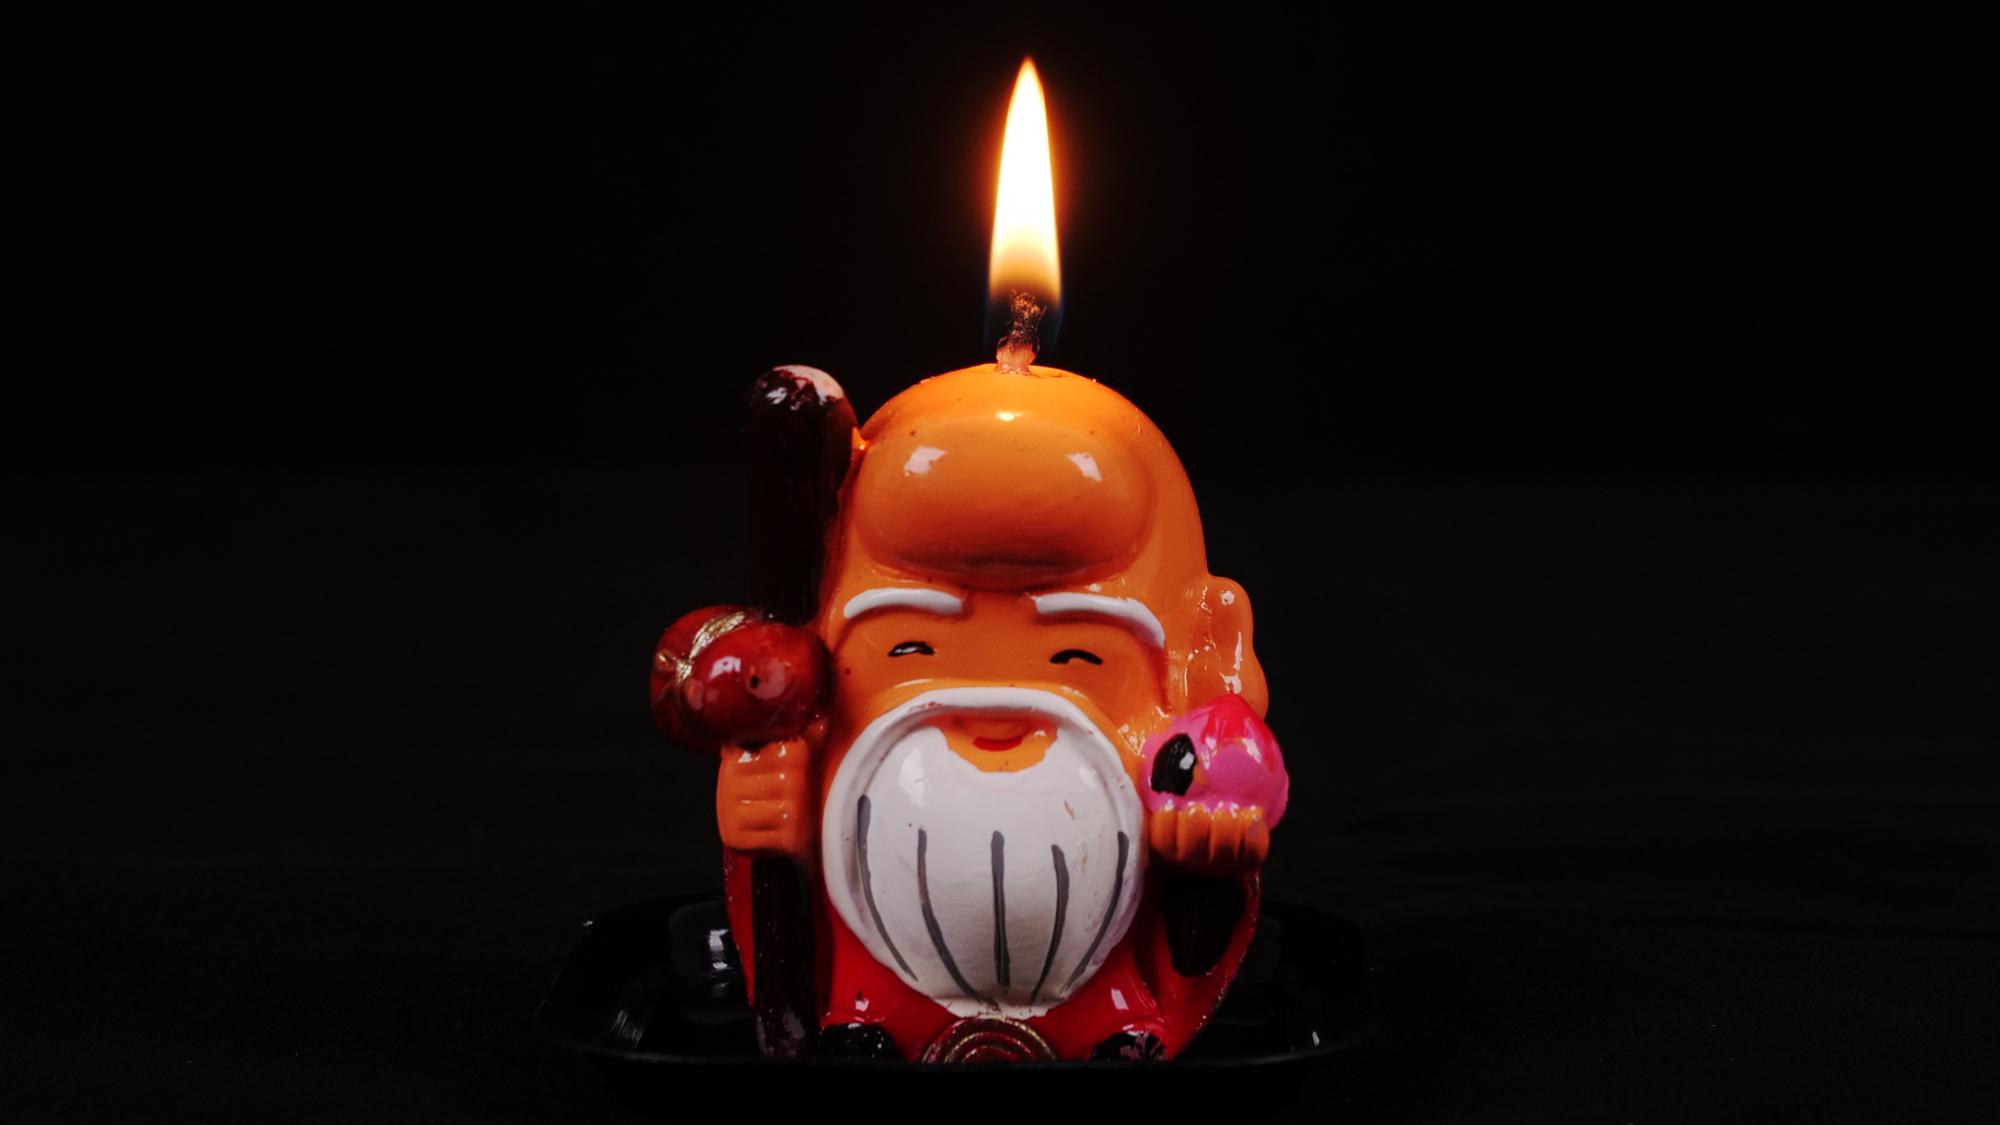 【延时摄影】小老头蜡烛燃烧全过程,两小时后你还认得出是个人吗